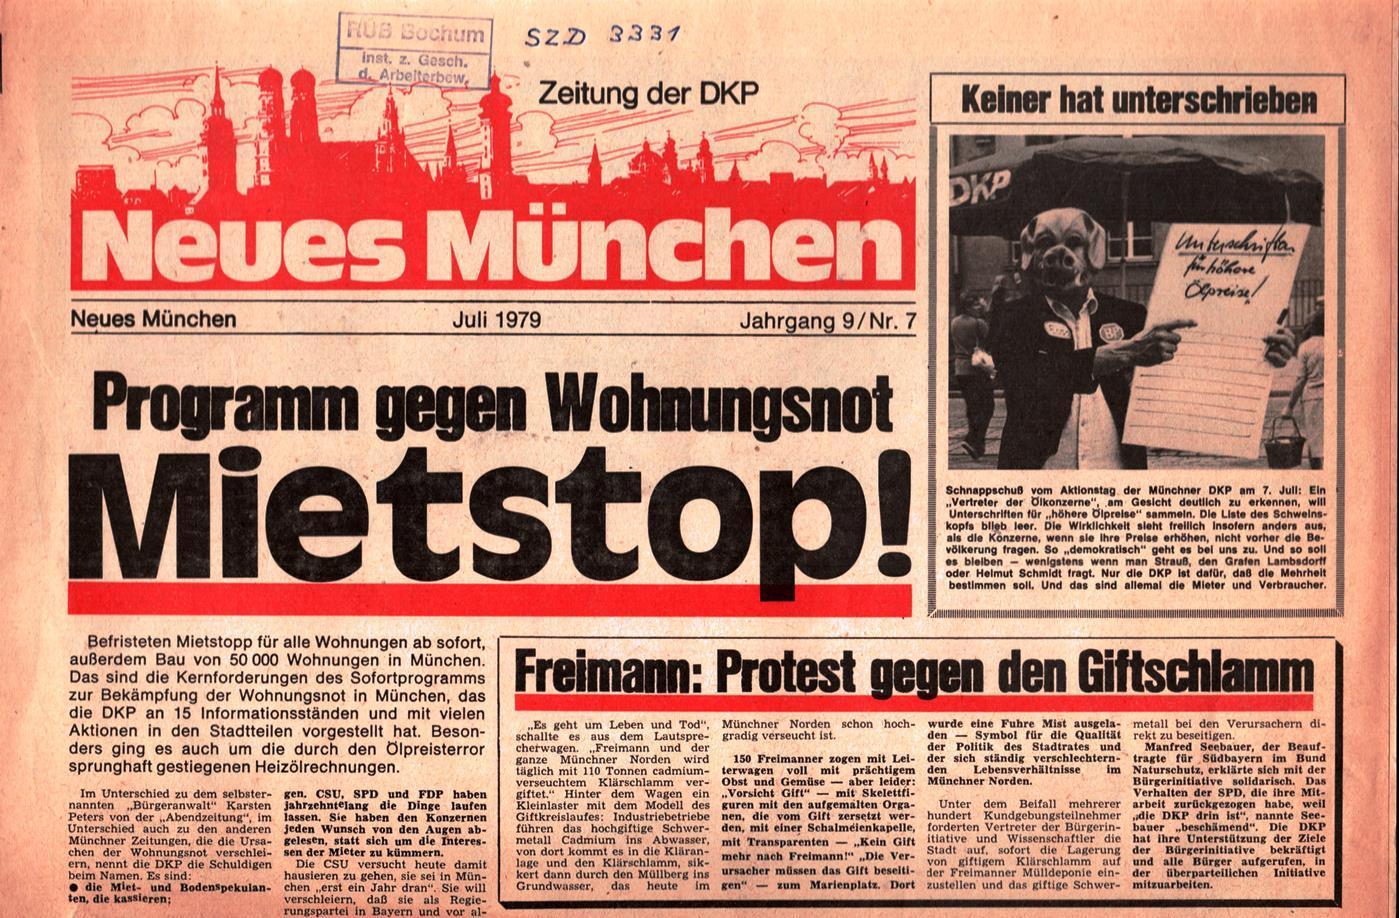 Muenchen_DKP_Neues_Muenchen_19790700_007_001